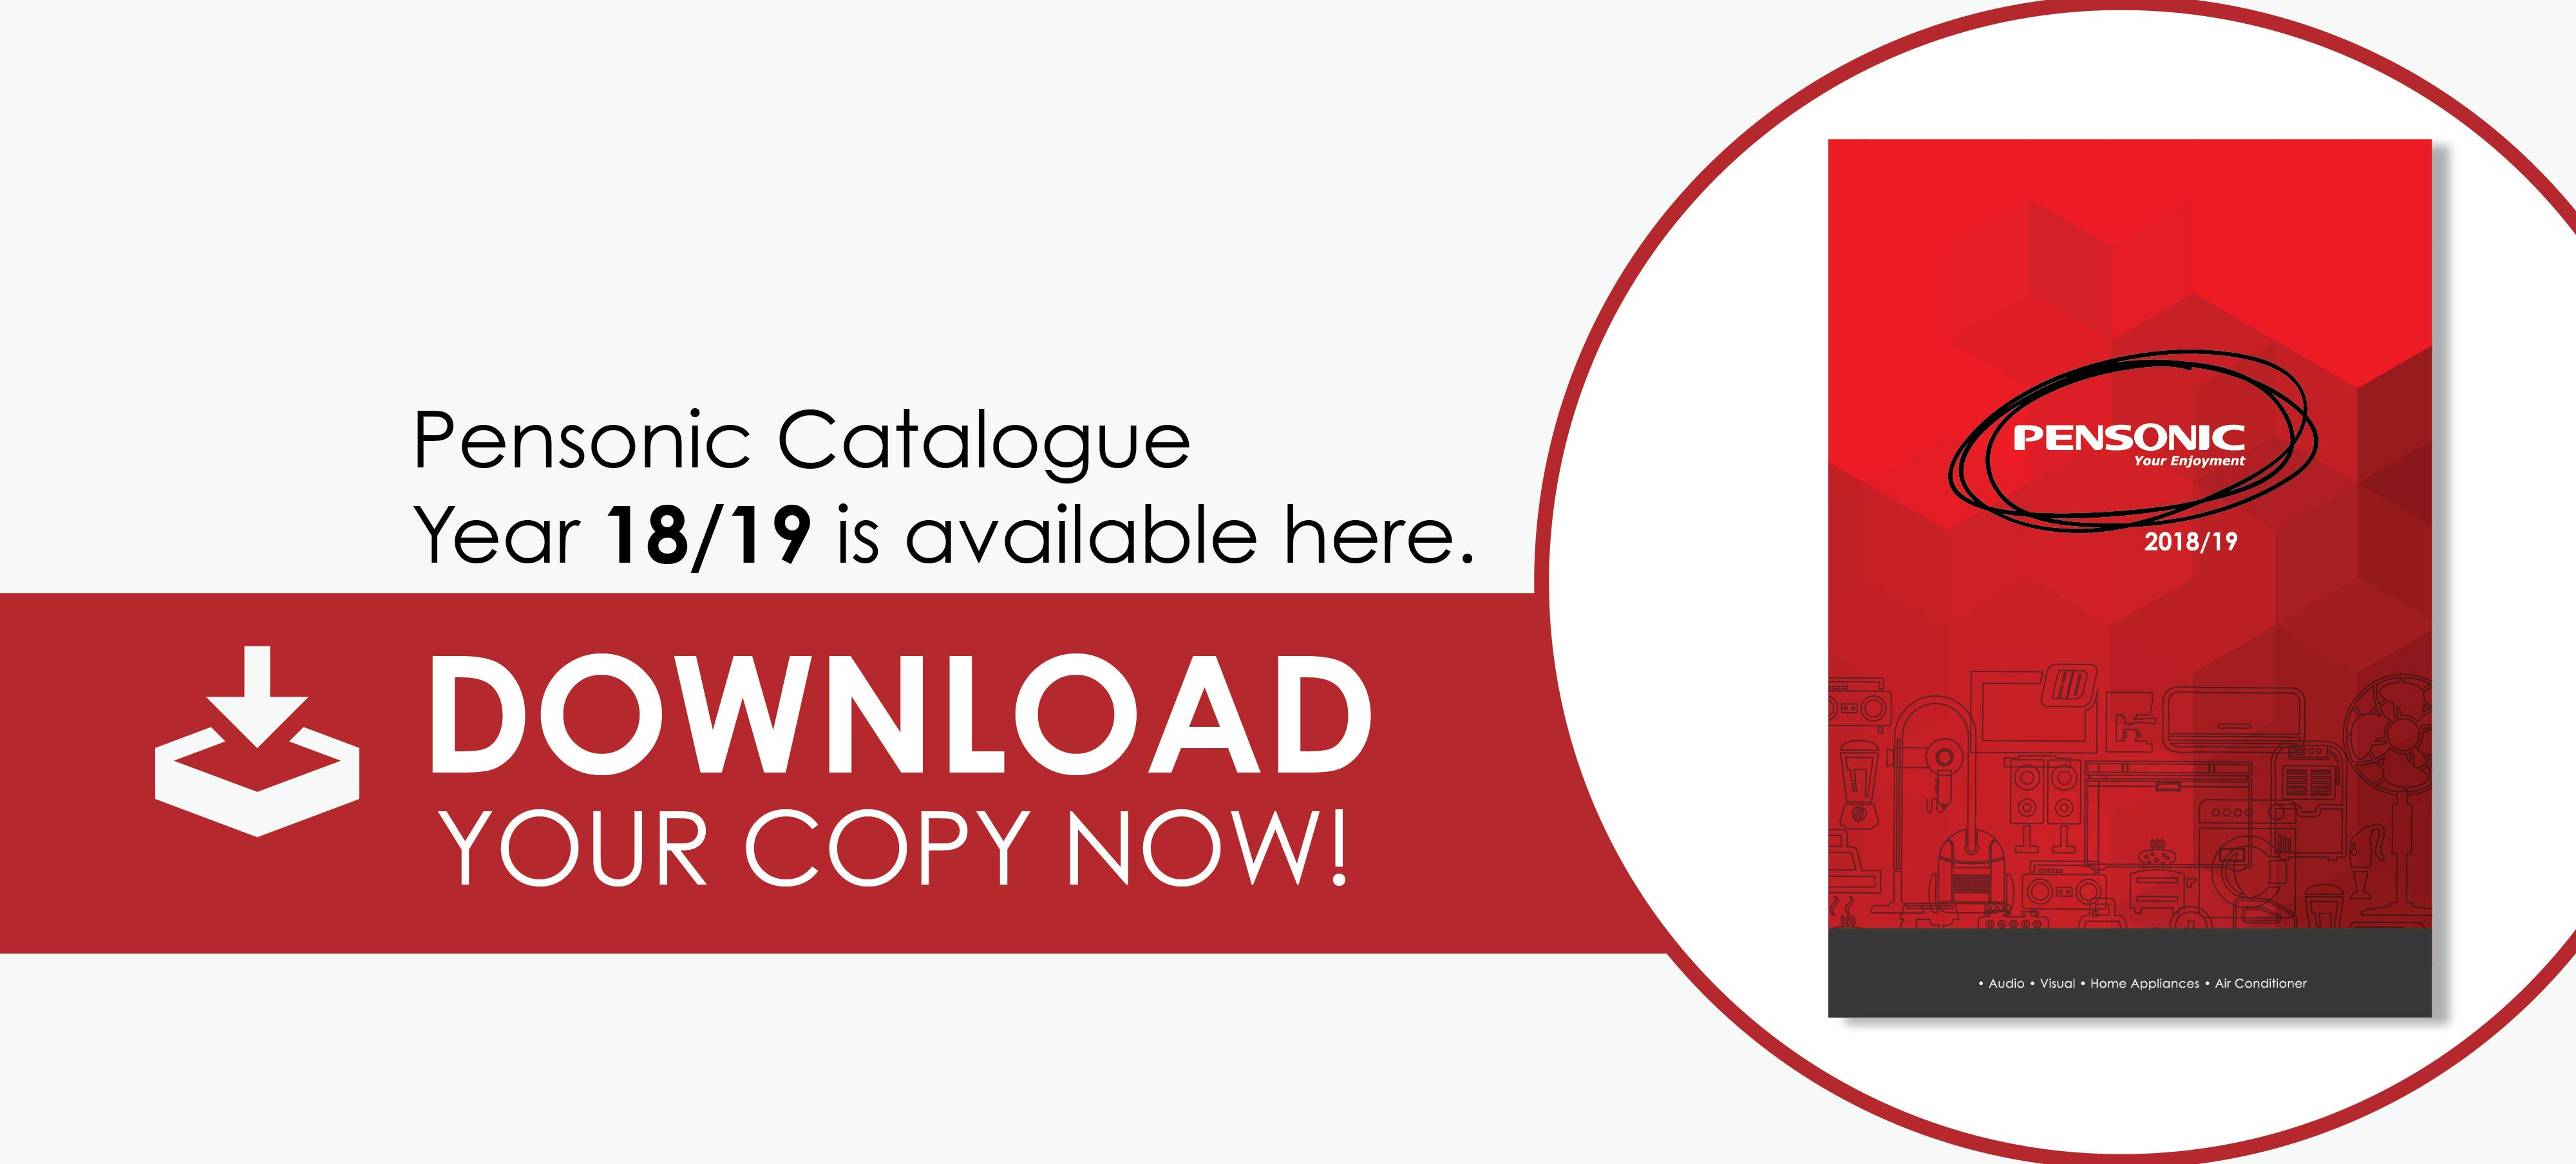 Pensonic-catalogue-01-1